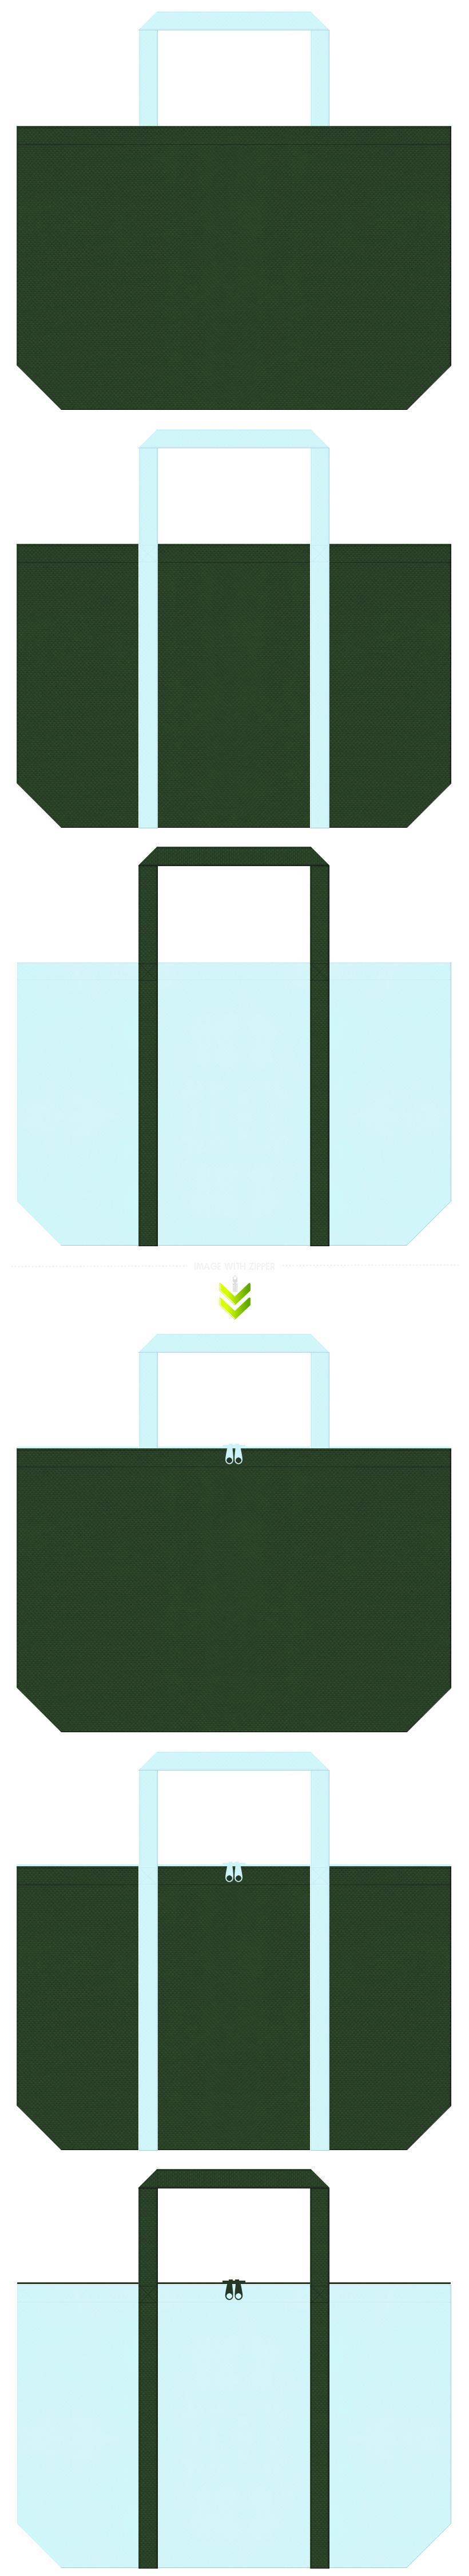 水耕栽培・野菜工場・水資源・歯科・医療器具・医療施設・ミント・クール・清潔感のあるエコバッグにお奨め不織布バッグデザイン:濃緑色・深緑色と水色のコーデ